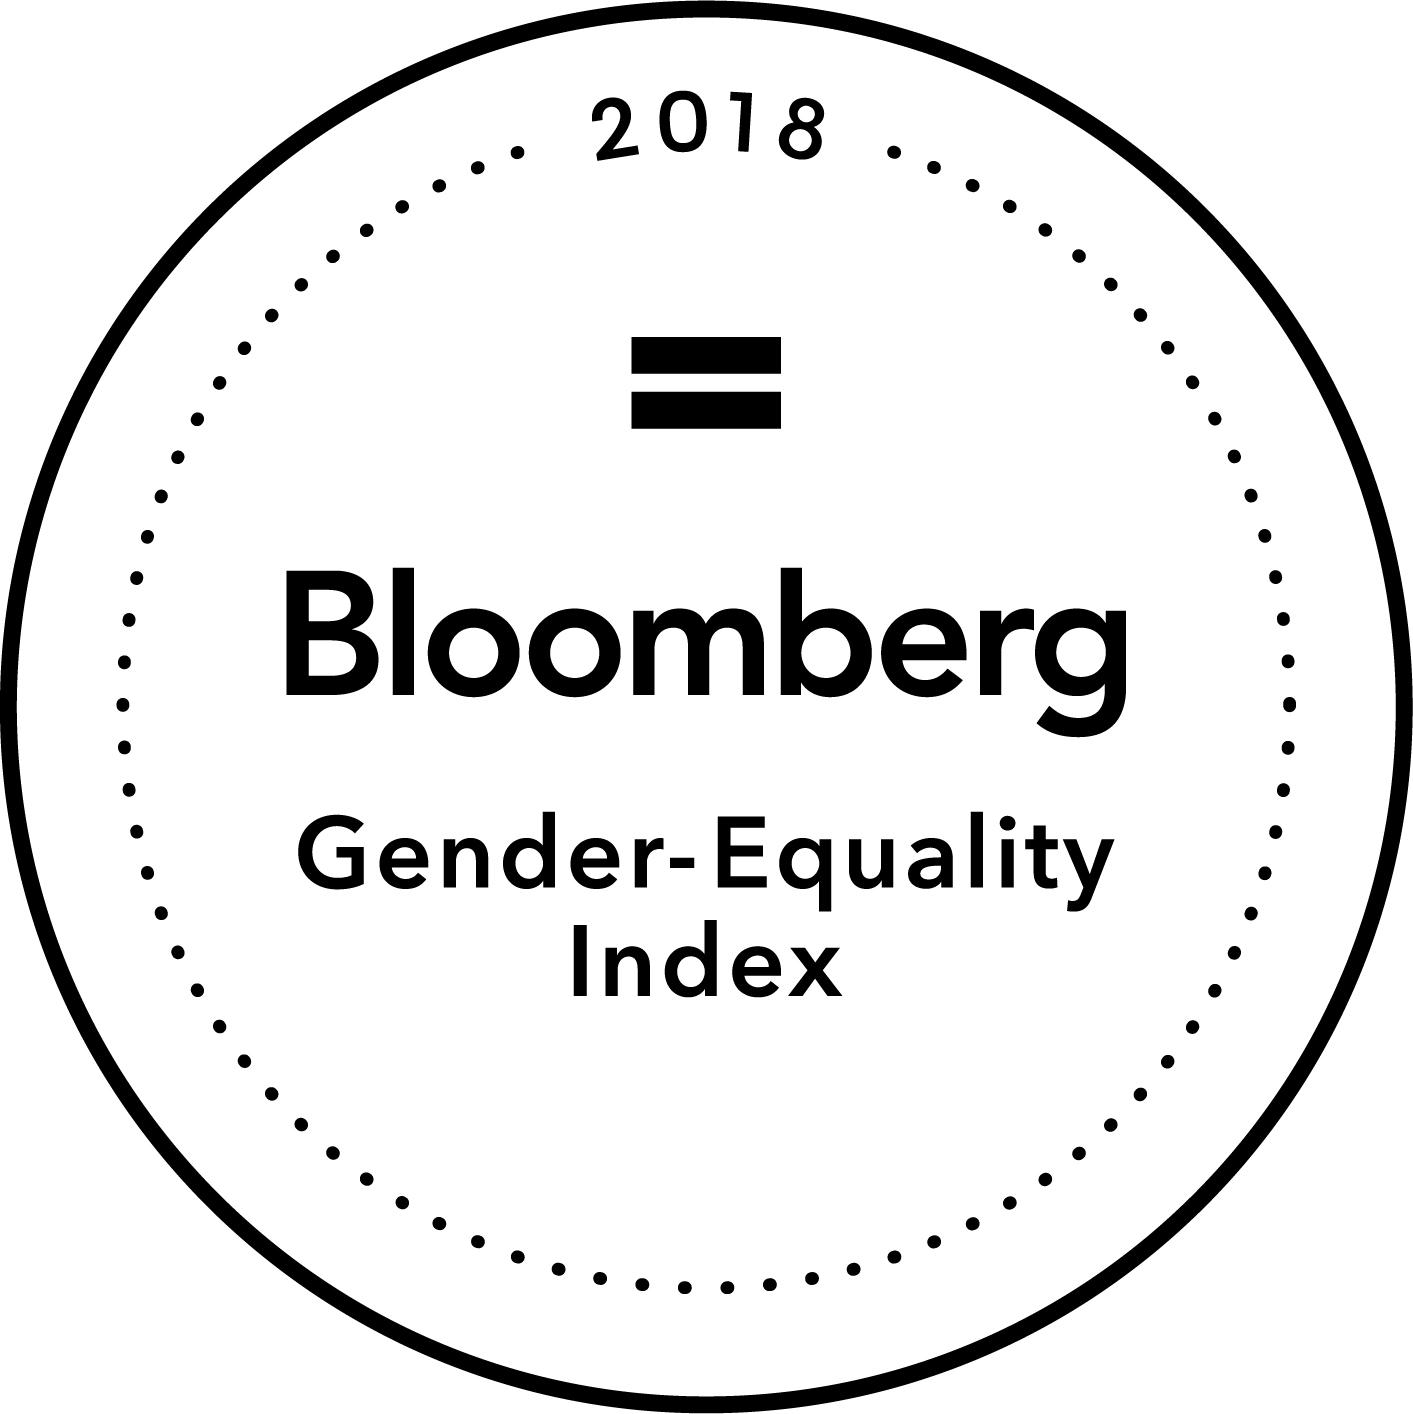 2018 Bloomberg Gender-Equality Index